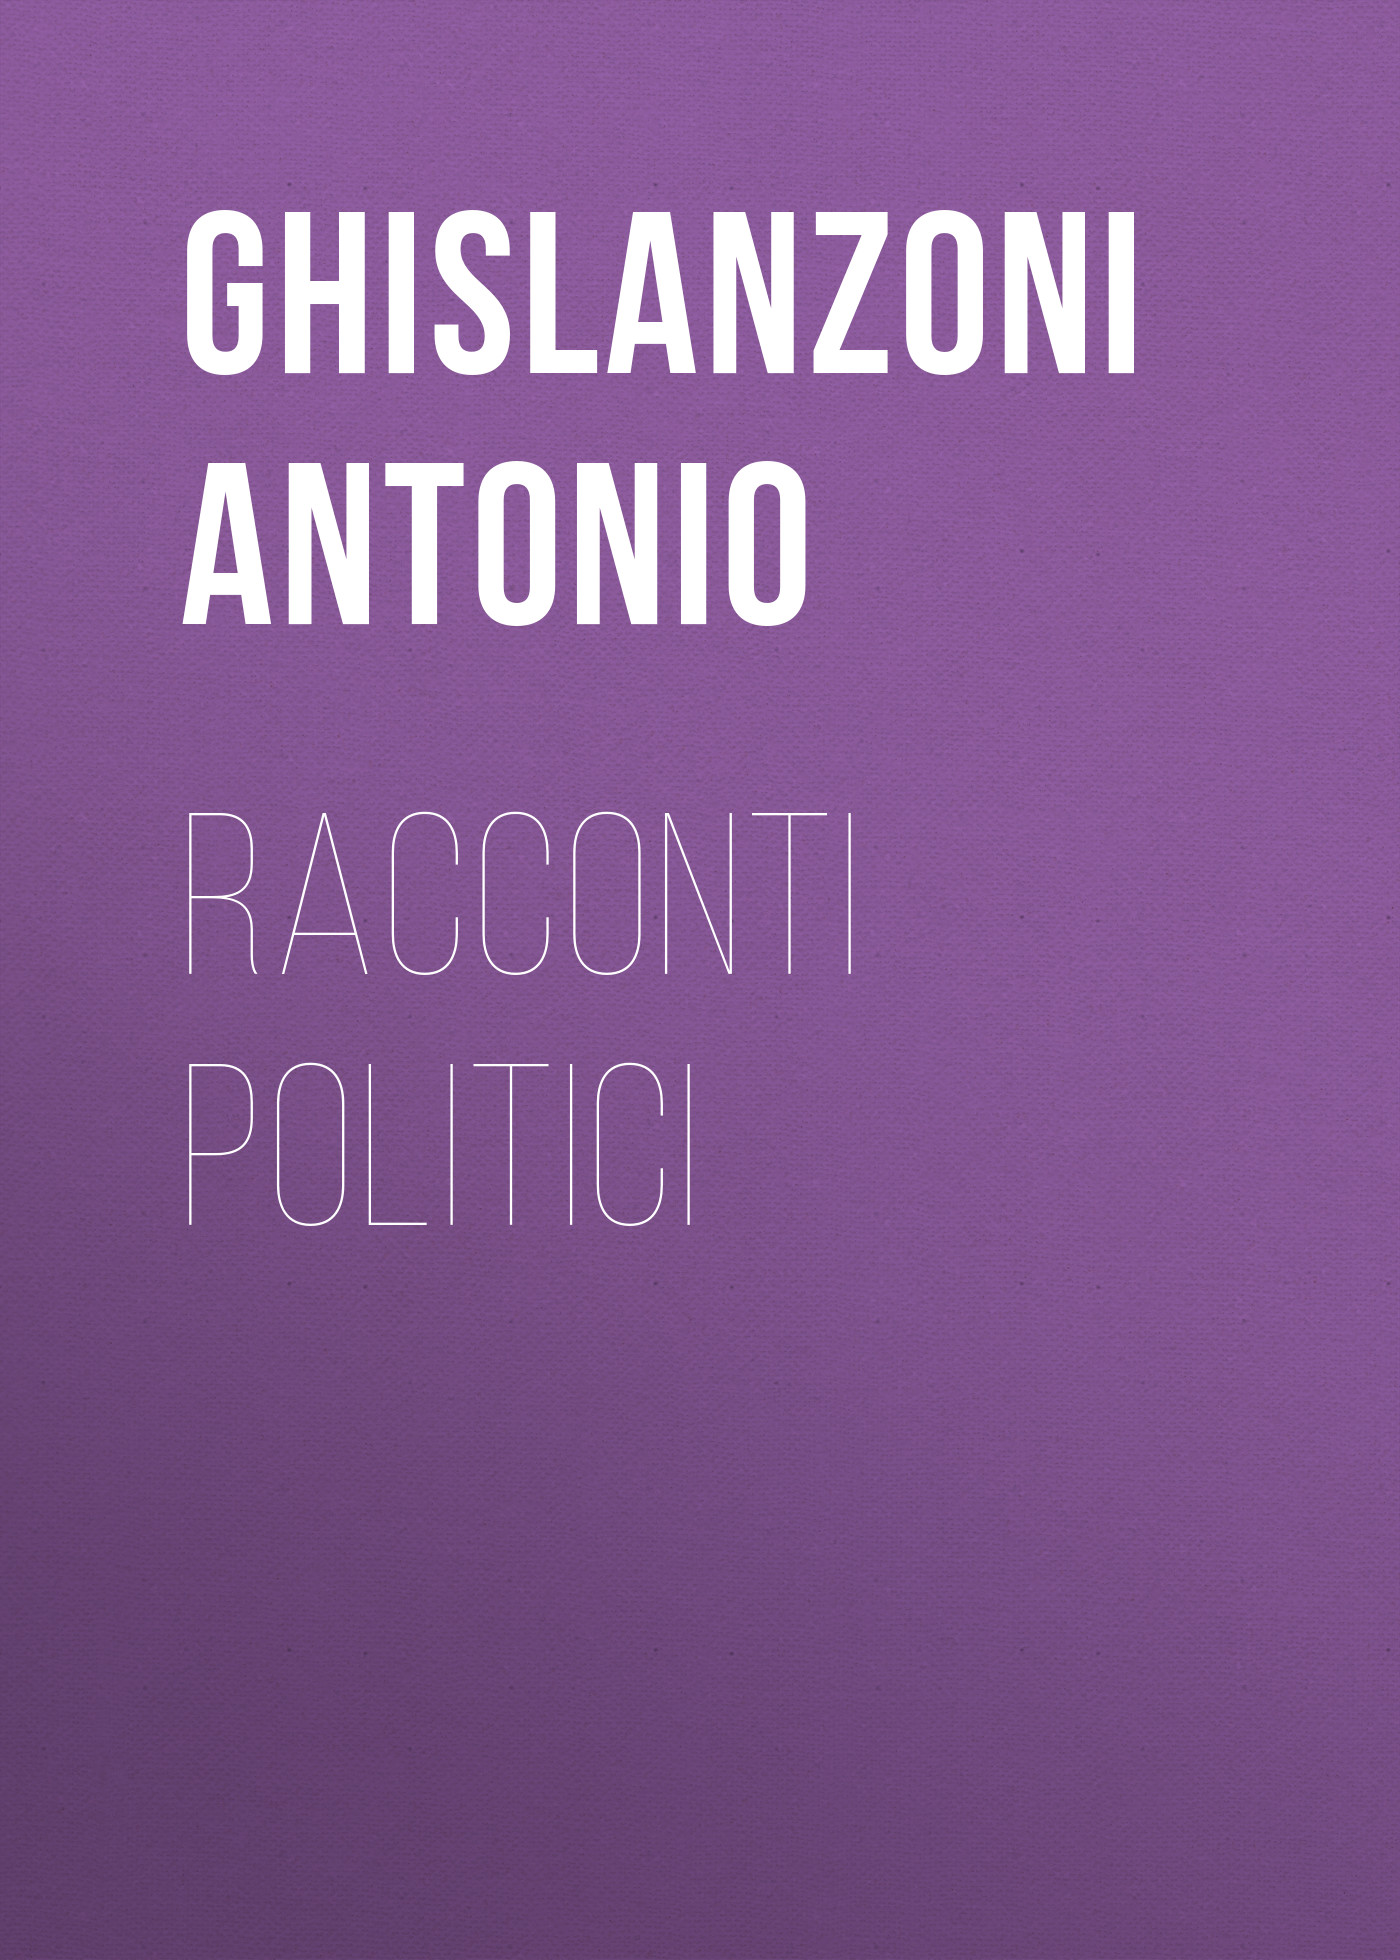 Ghislanzoni Antonio Racconti politici ghislanzoni antonio libro segreto